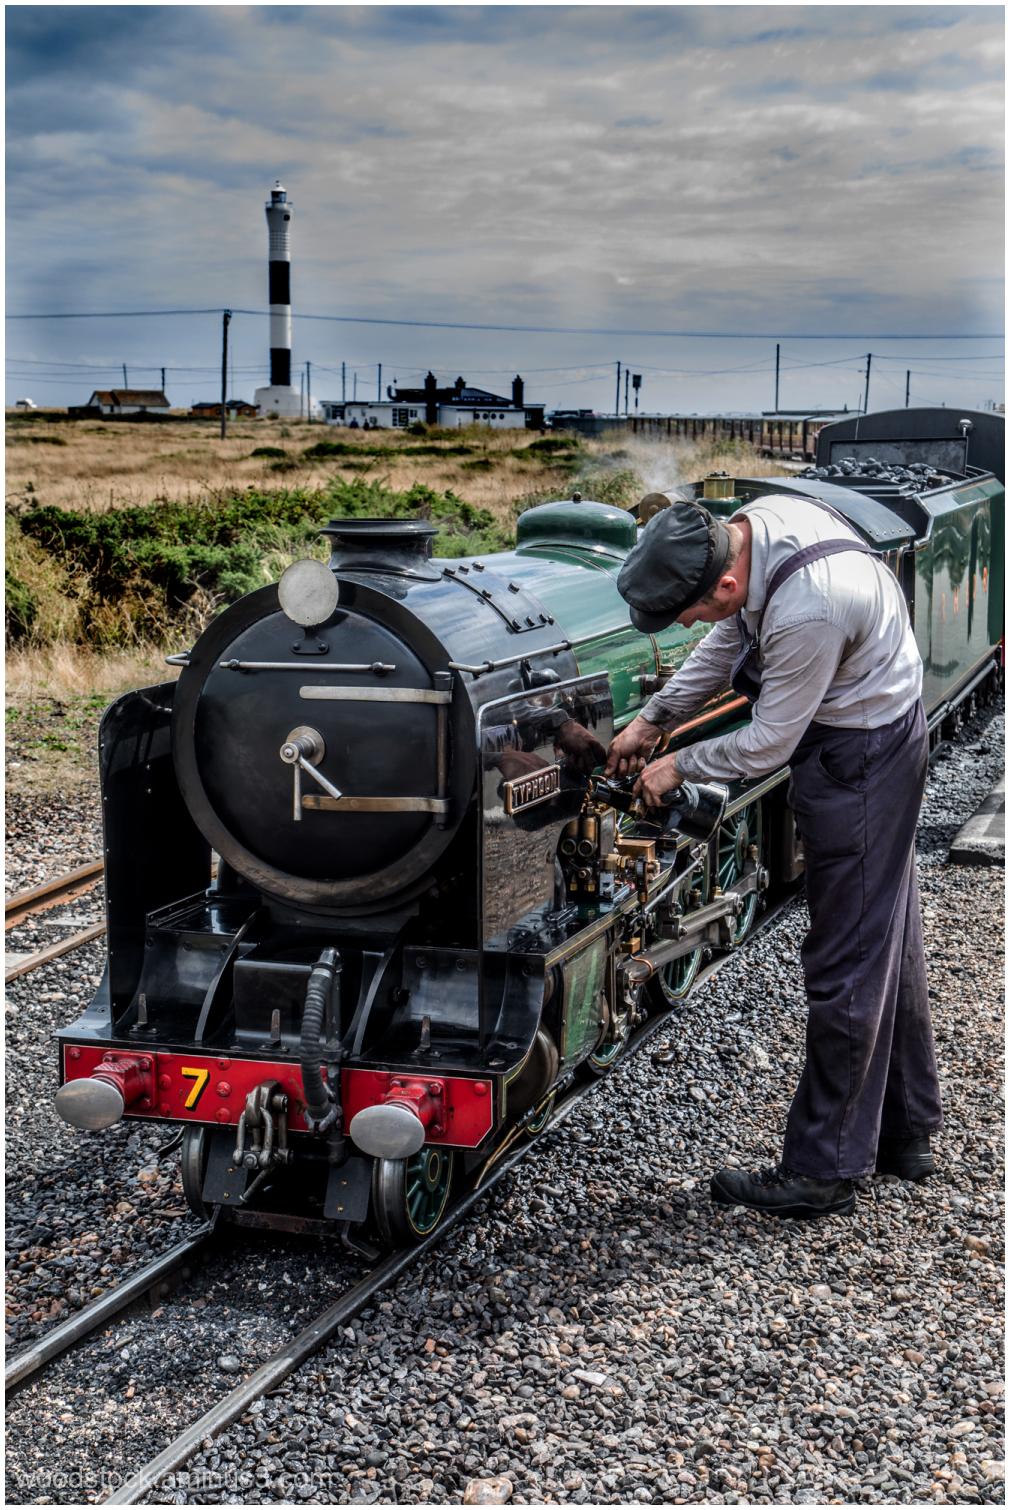 Romney Hythe and Dymchurch Railway